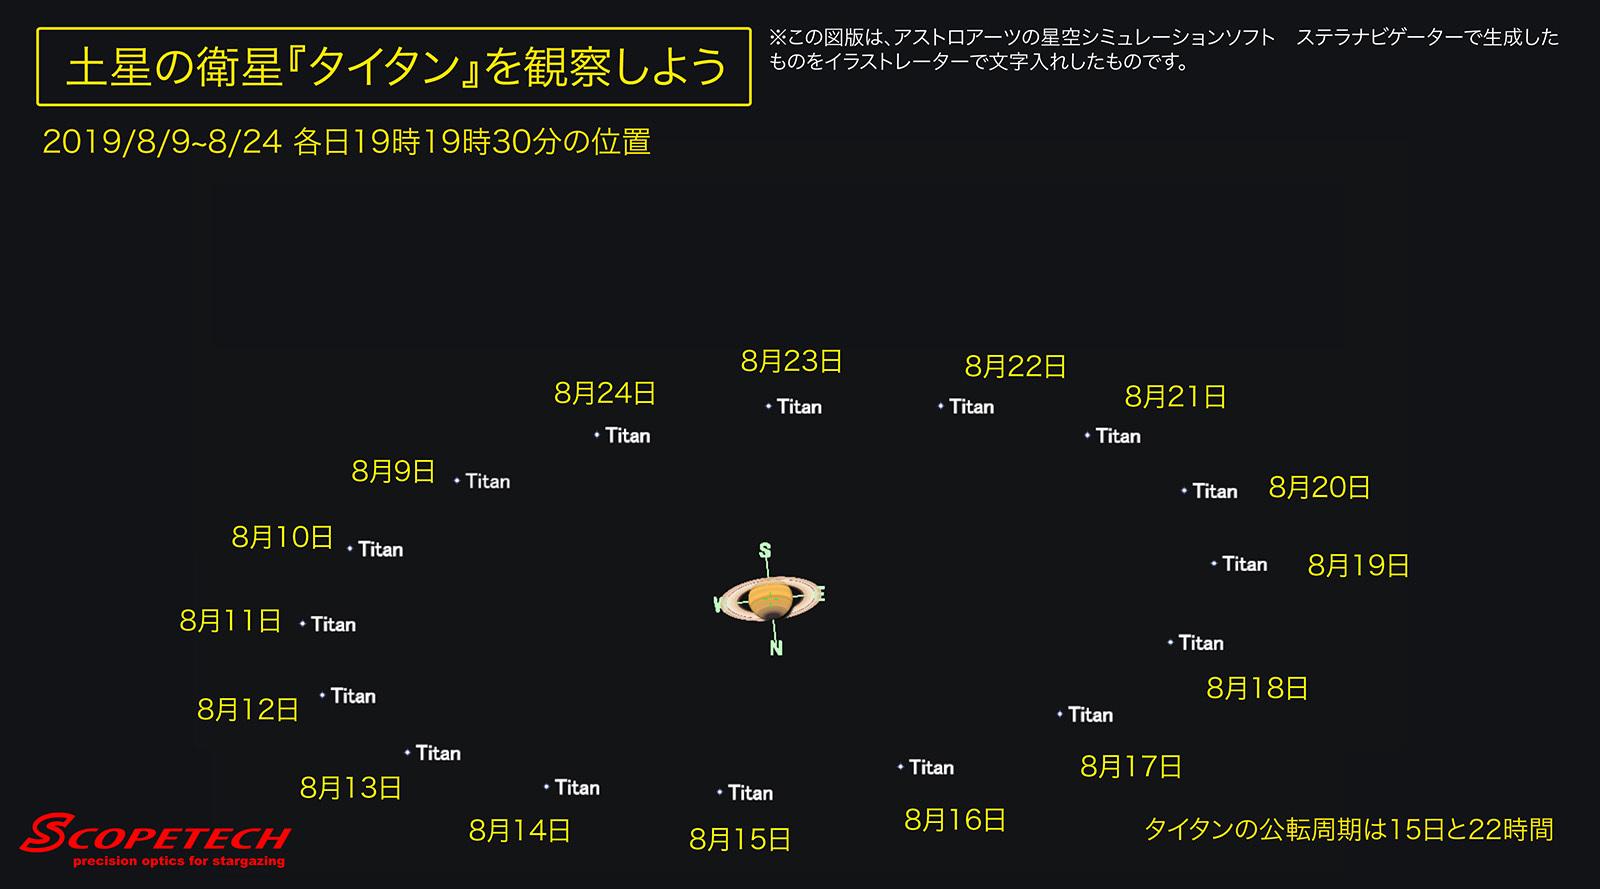 土星の衛星の動き